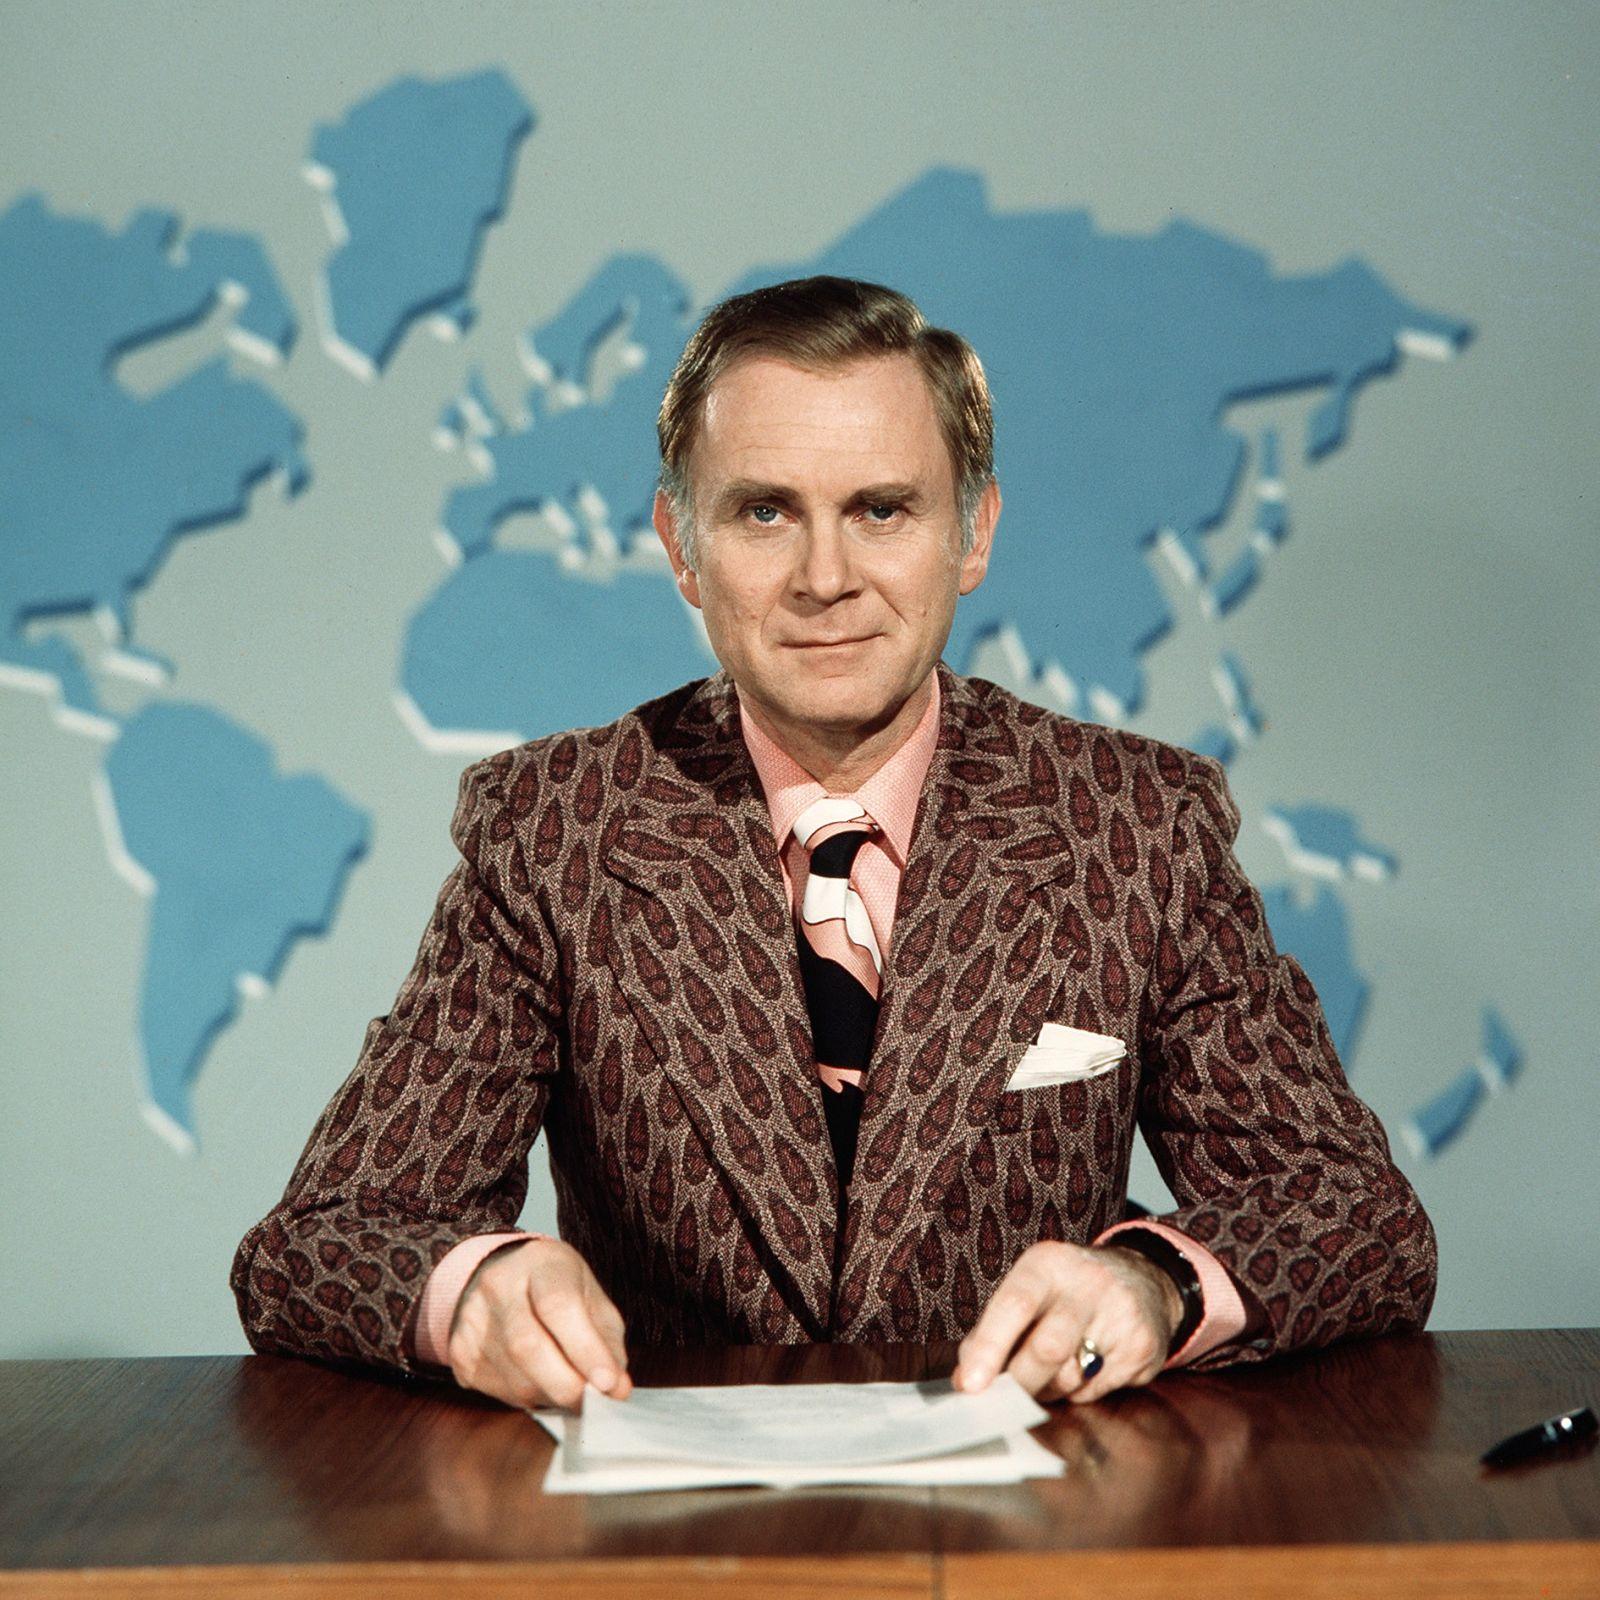 Szenenfoto von Vicco von Bülow als Nachrichtensprecher im Sketch Letzte Meldung (Süddeutscher Rundfunk)